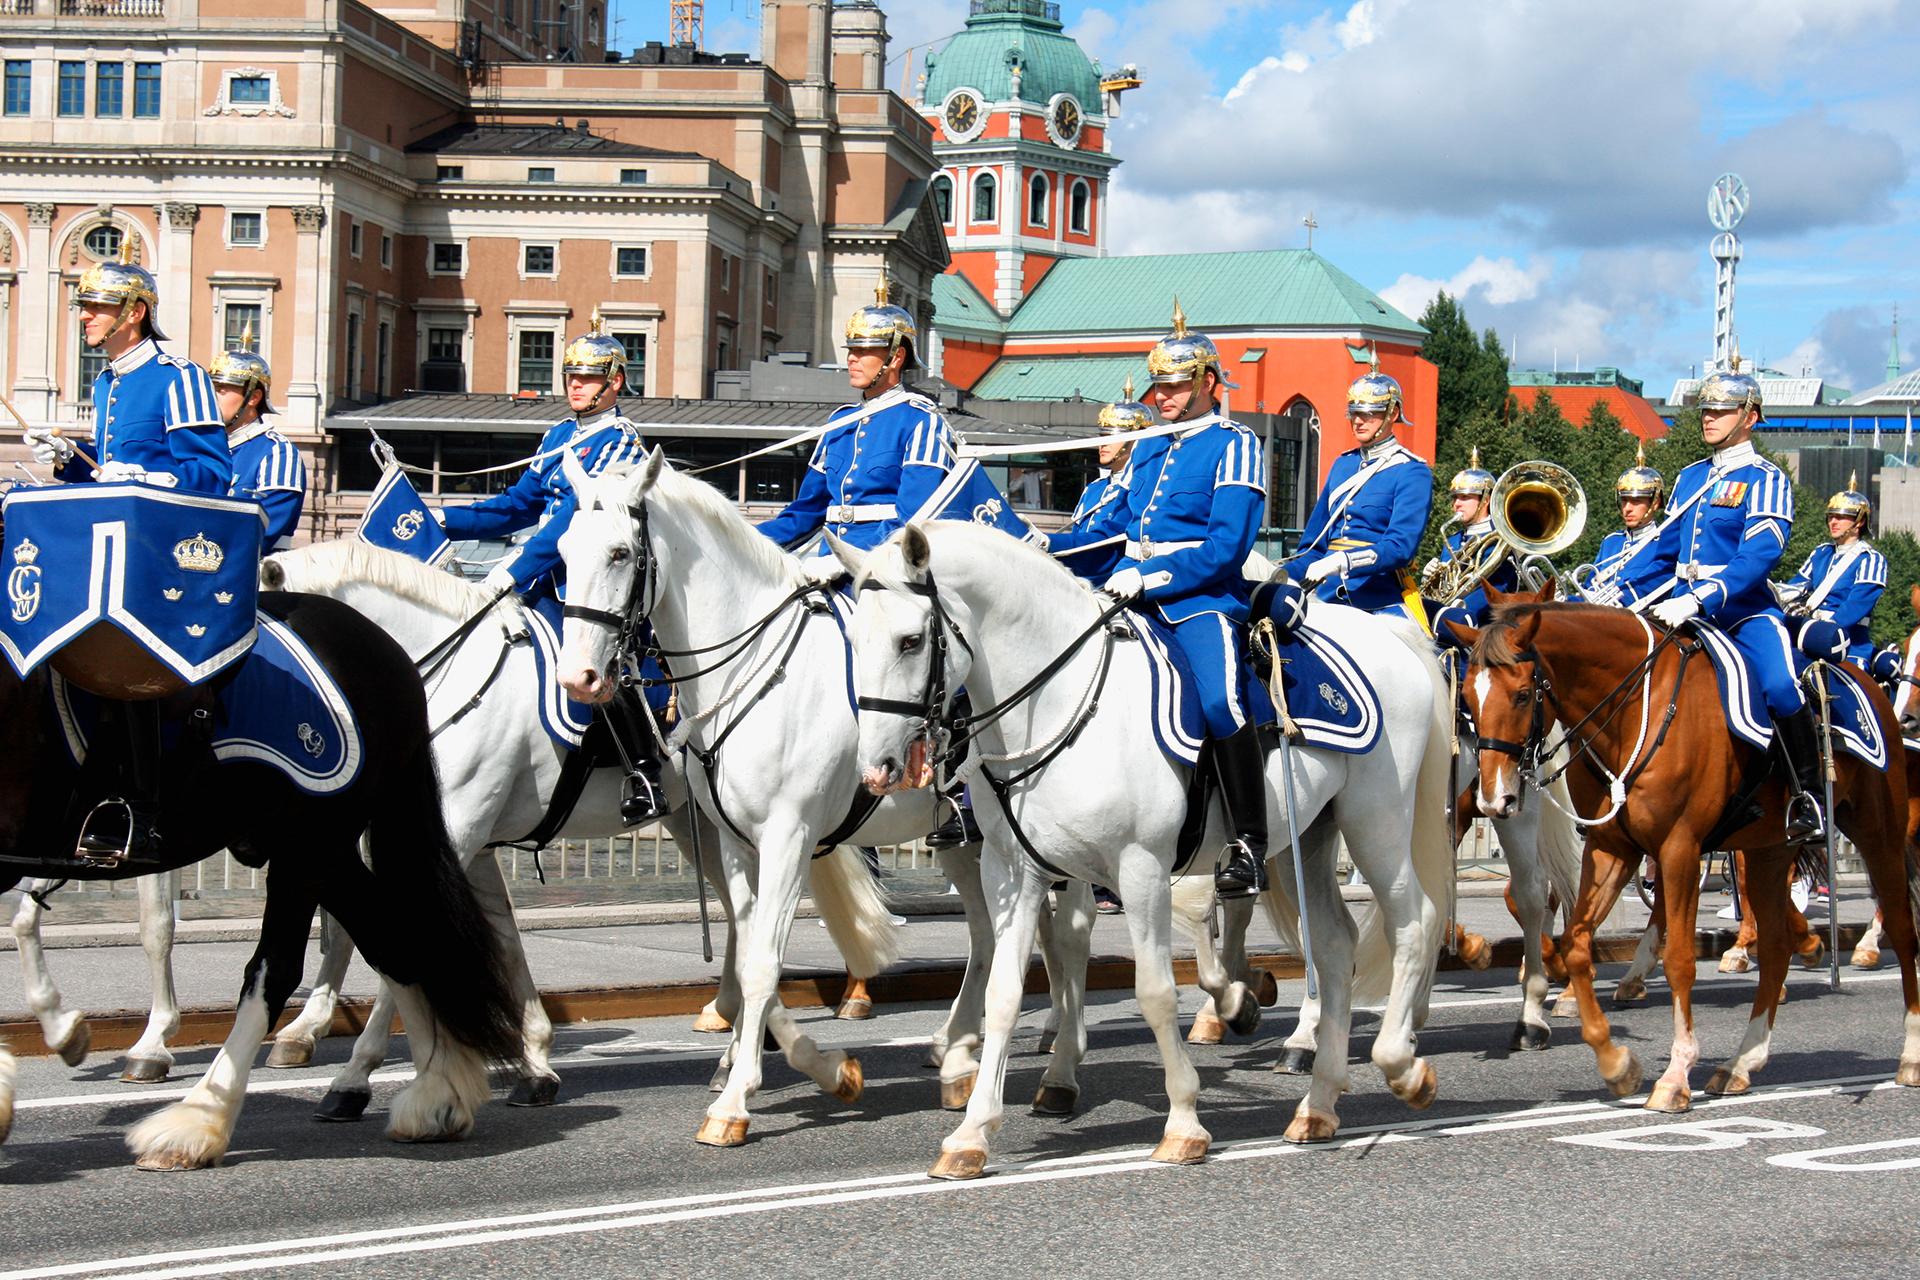 El cambio de la guardia que se celebra en la explanada situada frente al edificio y congrega cada año a miles de visitantes